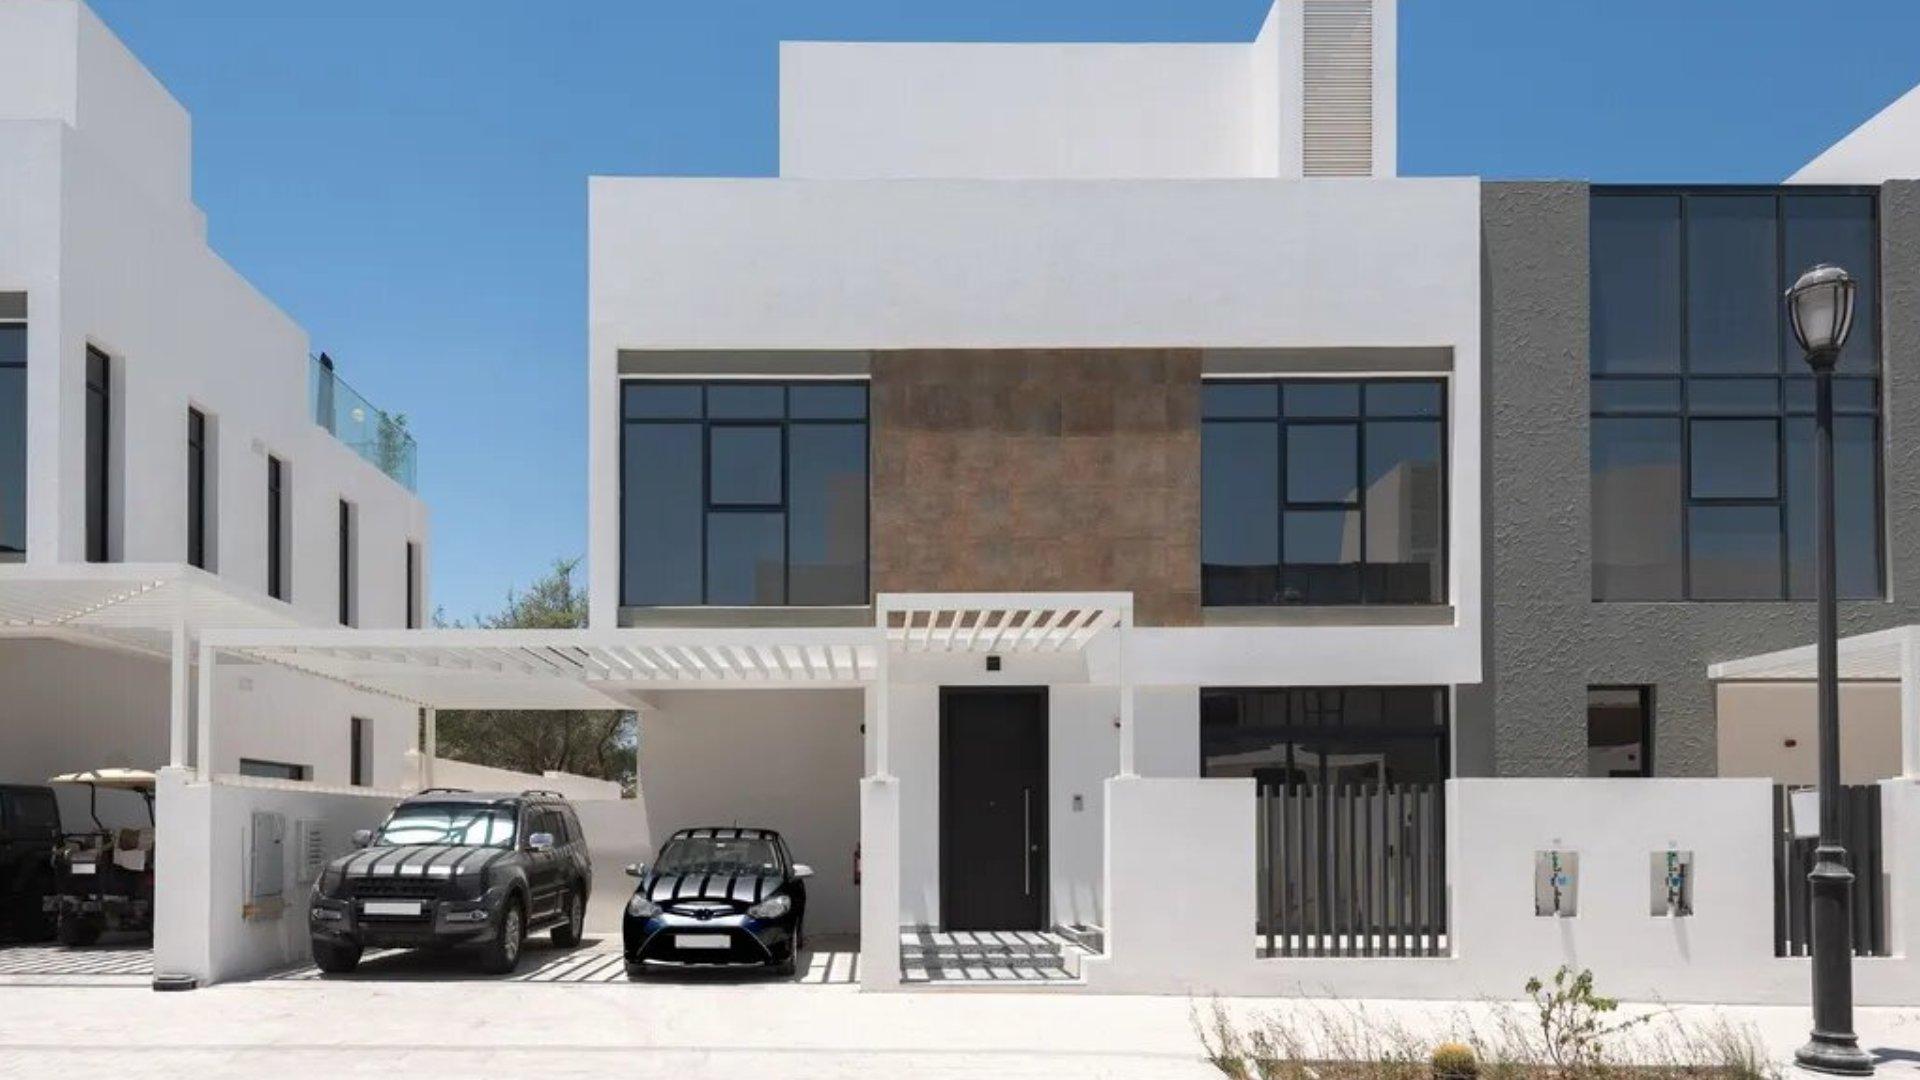 Adosado en venta en Dubai, EAU, 4 dormitorios, 178 m2, № 24235 – foto 1